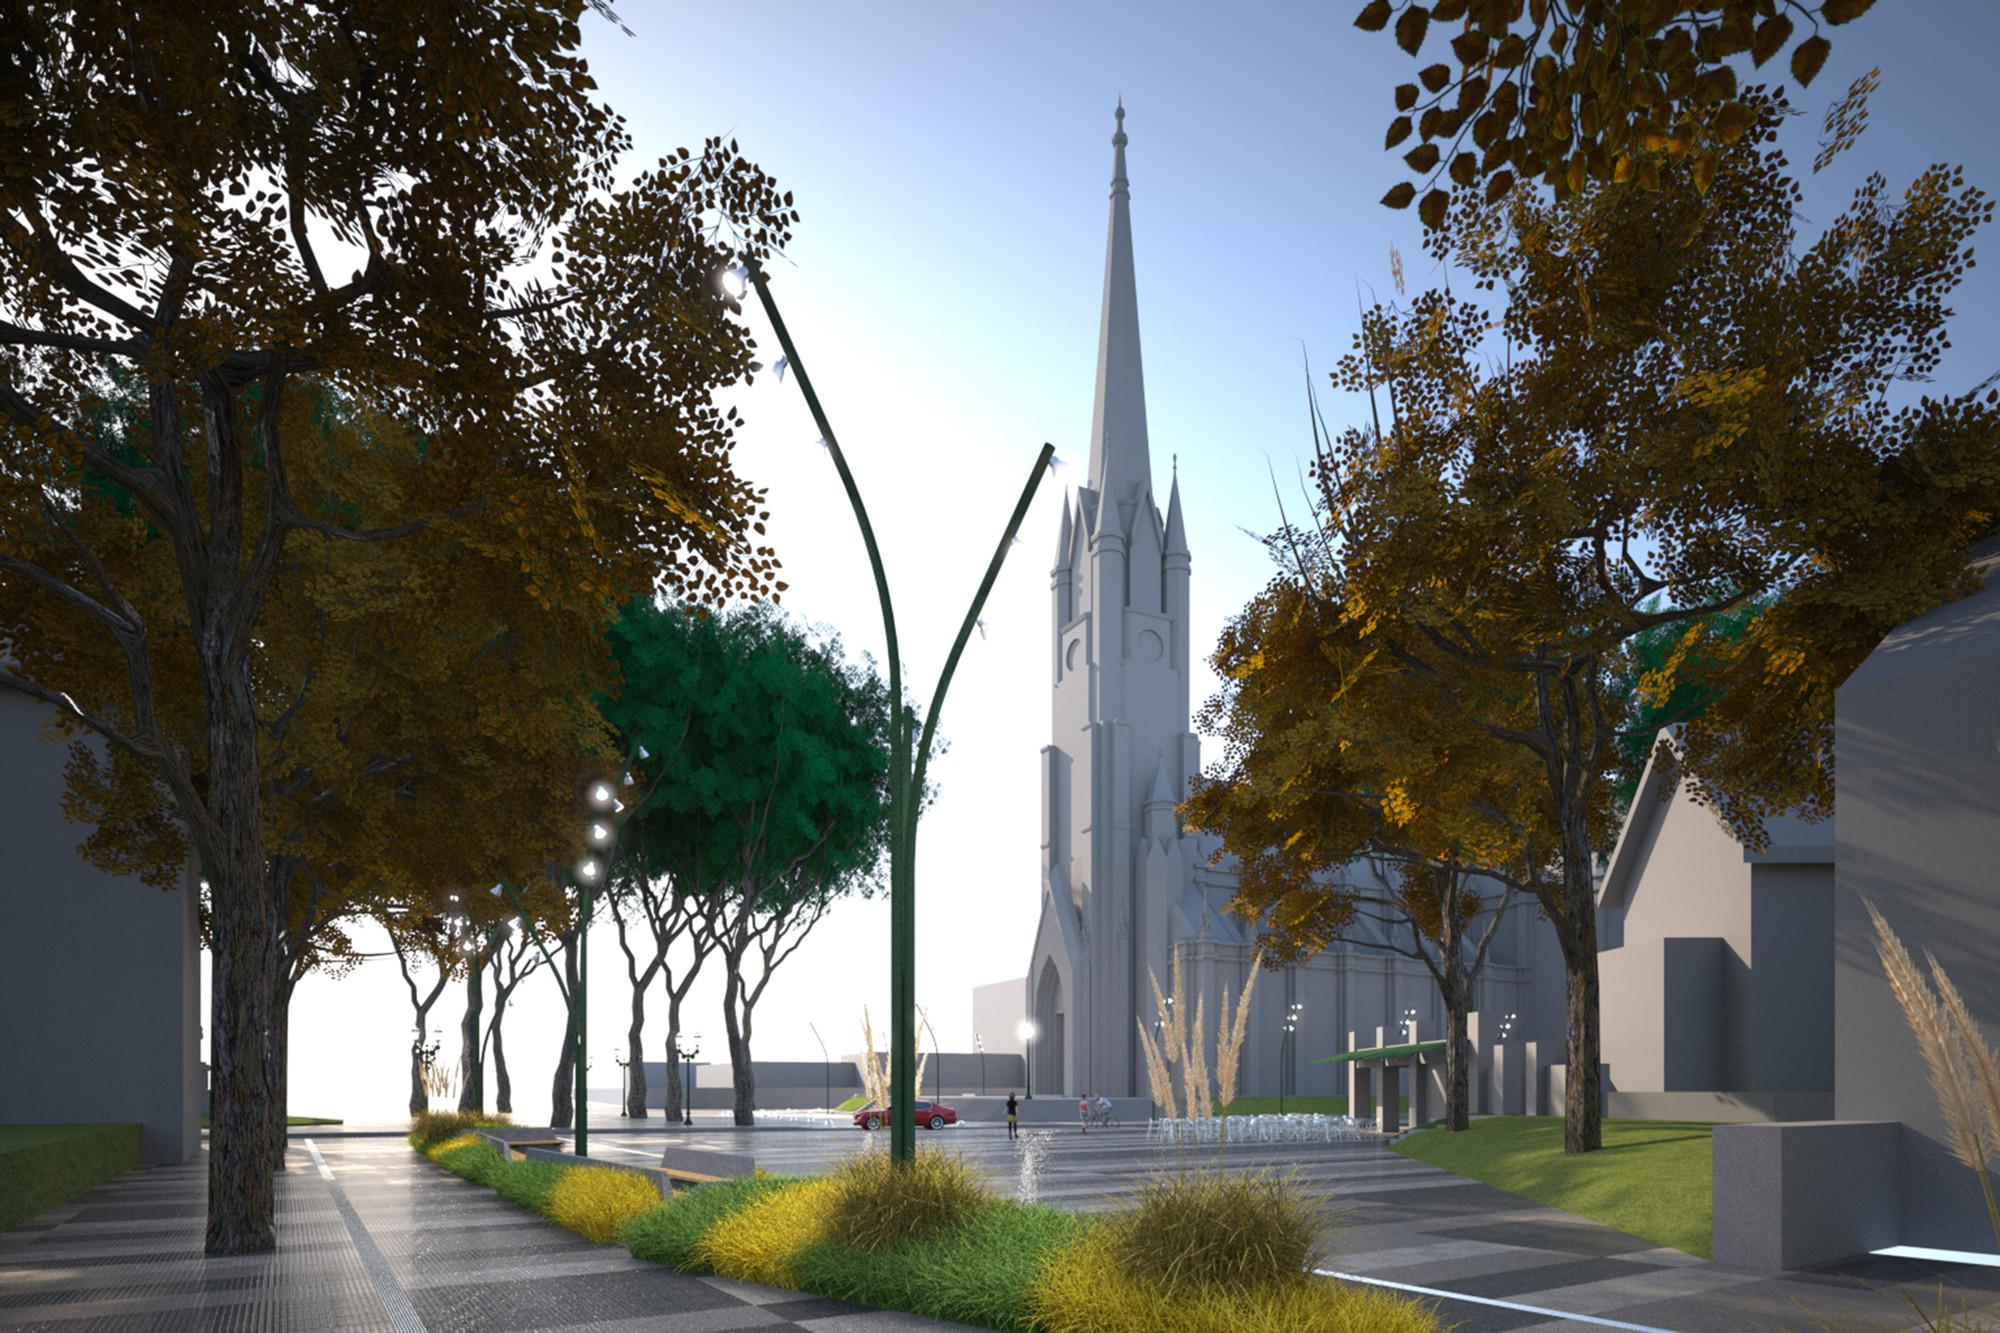 Primer Lugar Concurso Nacional de Ideas para la Renovación urbana del área centro de San Isidro / Argentina